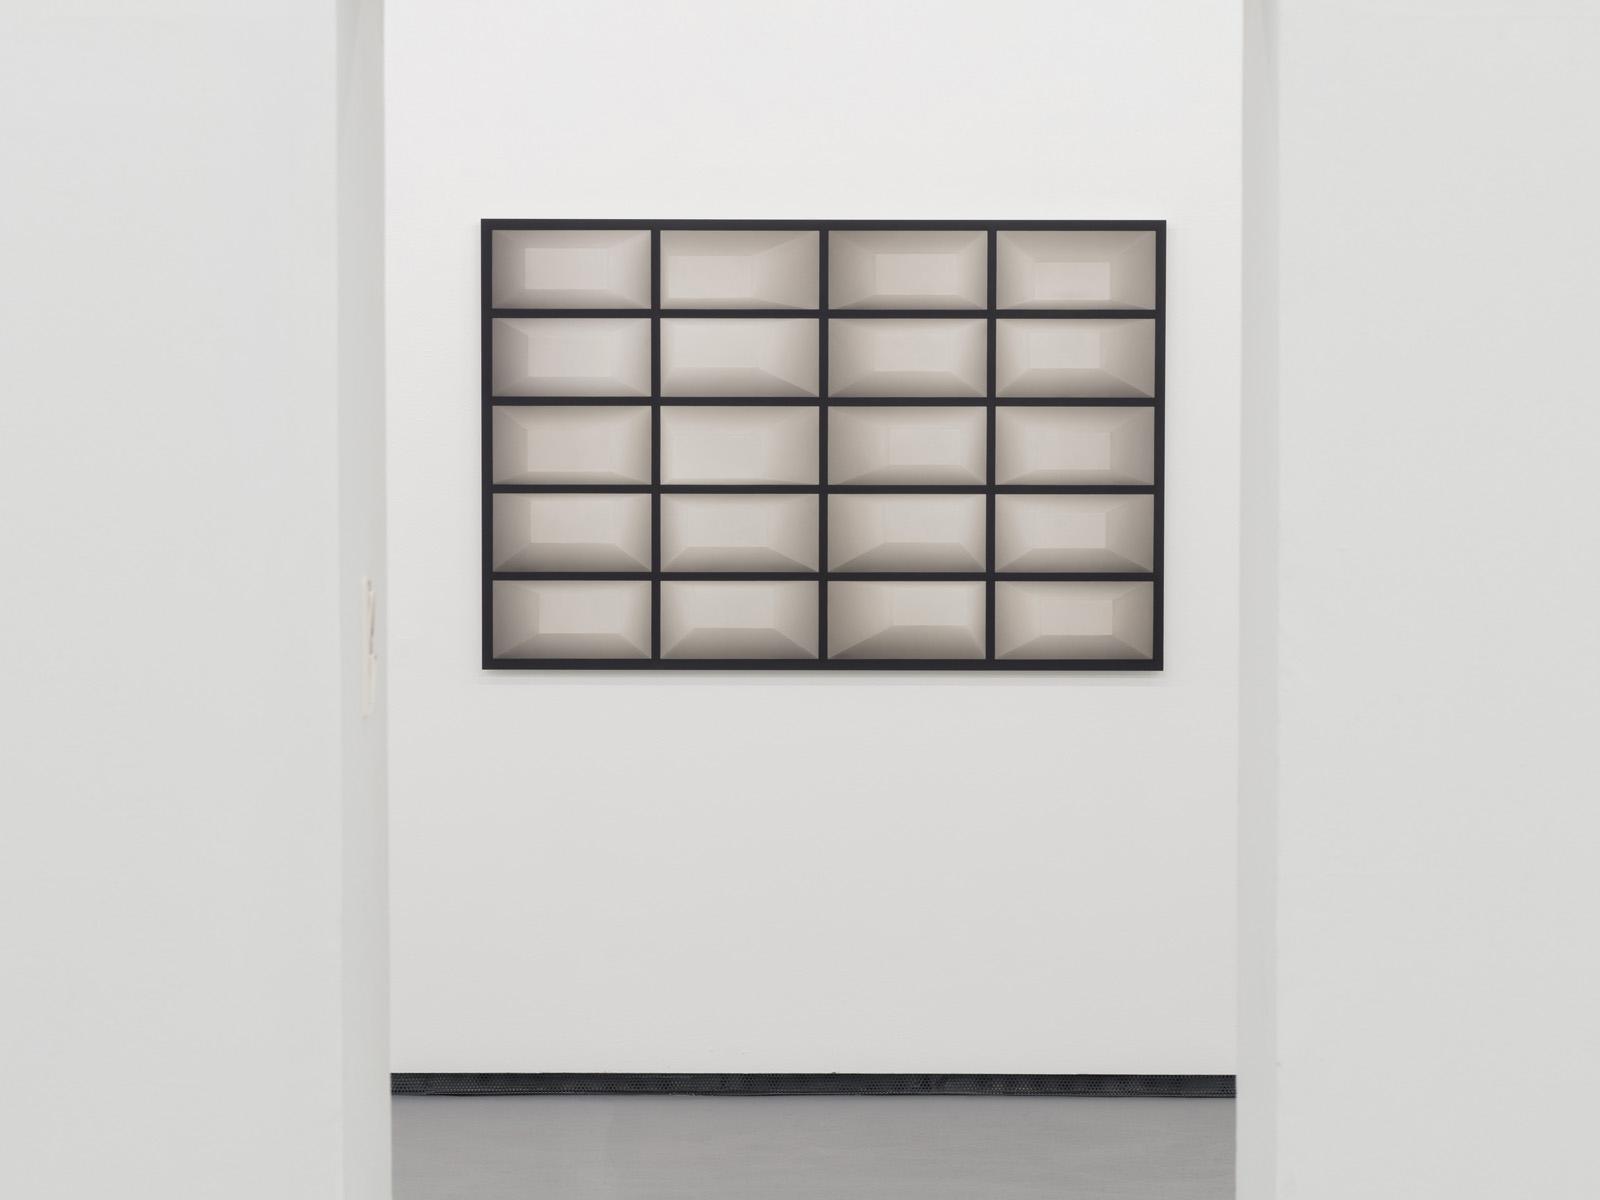 SOLO VII - CATHARINA FREUIS Ausstellungsansicht Fotogalerie Wien